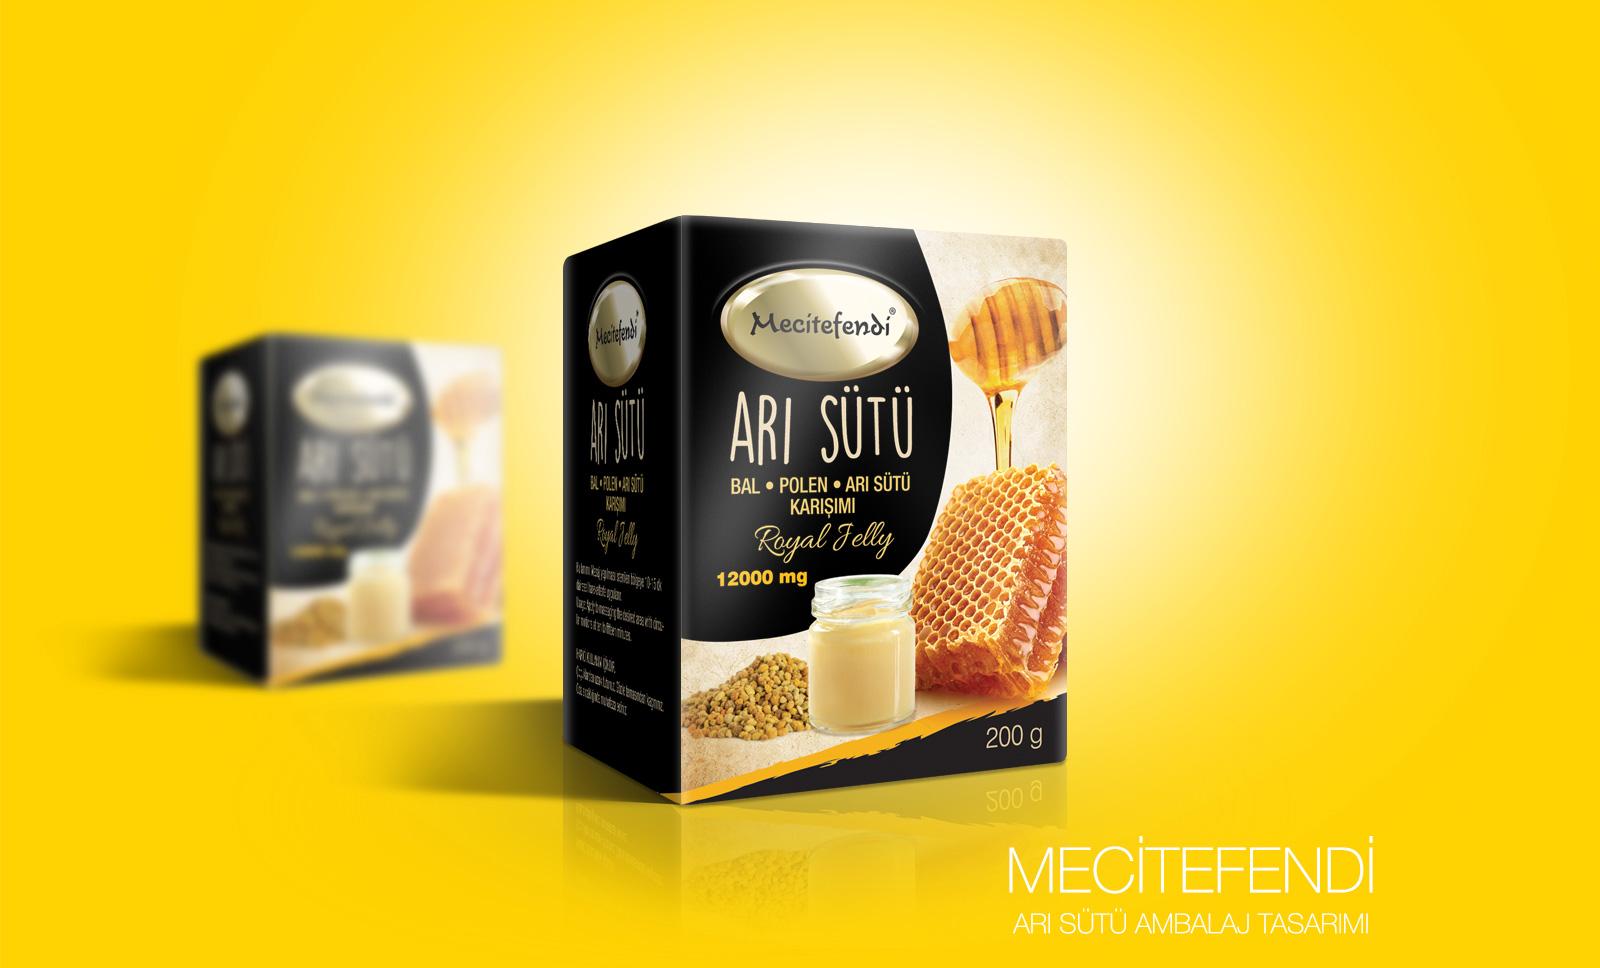 Creas Creative Tasarım ve Reklam Ajansı İzmir - Mecitefendi Arı Sütü Ambalaj Tasarımı